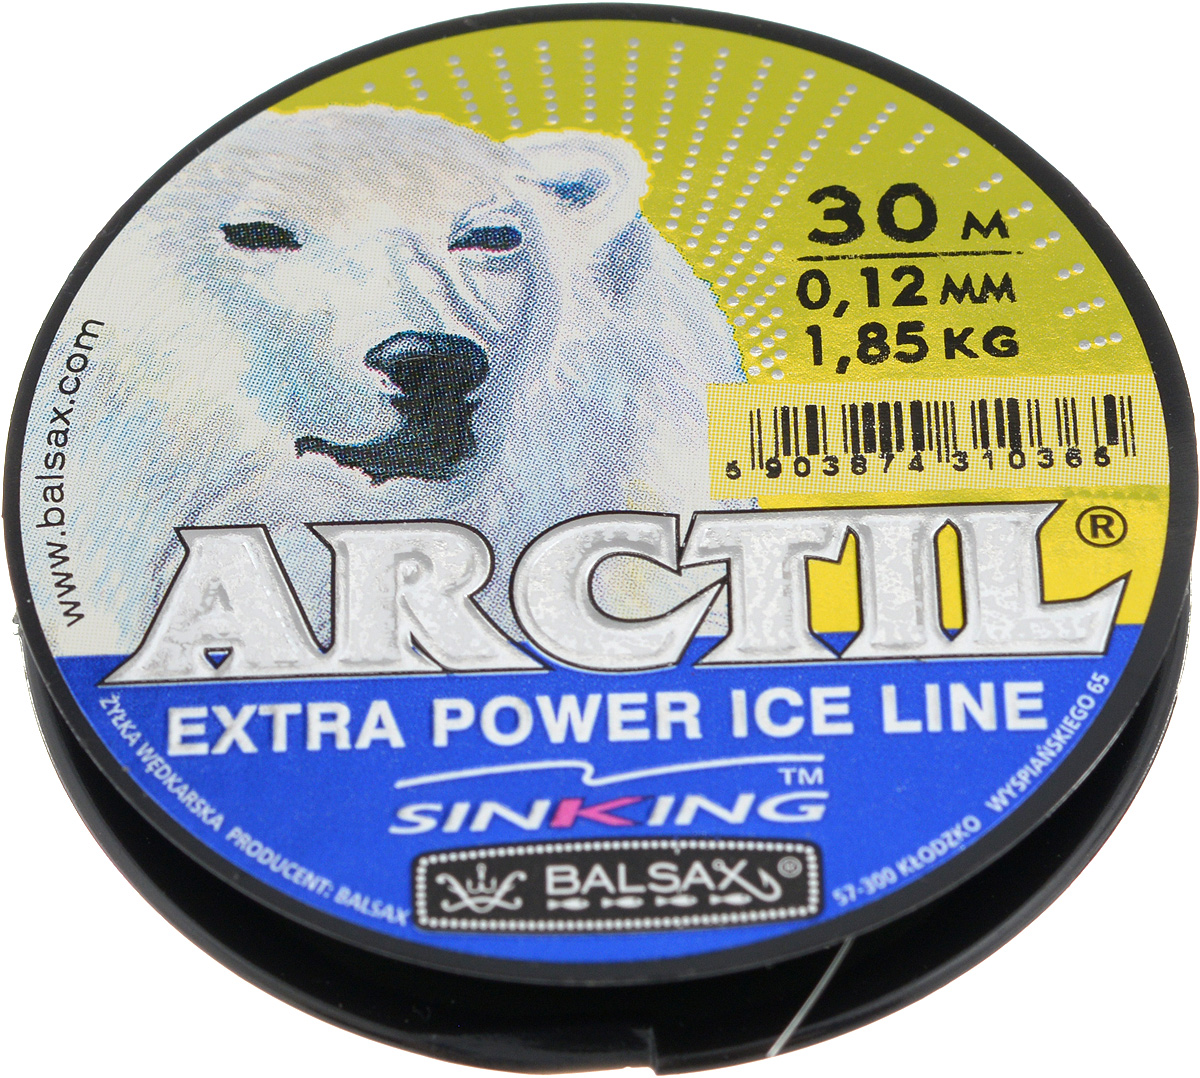 Леска зимняя Balsax Arctil, 30 м, 0,12 мм, 1,85 кг61147Леска Balsax Arctil изготовлена из 100% нейлона и очень хорошо выдерживает низкие температуры. Даже в самом холодном климате, при температуре вплоть до -40°C, она сохраняет свои свойства практически без изменений, в то время как традиционные лески становятся менее эластичными и теряют прочность.Поверхность лески обработана таким образом, что она не обмерзает и отлично подходит для подледного лова. Прочна в местах вязки узлов даже при минимальном диаметре.